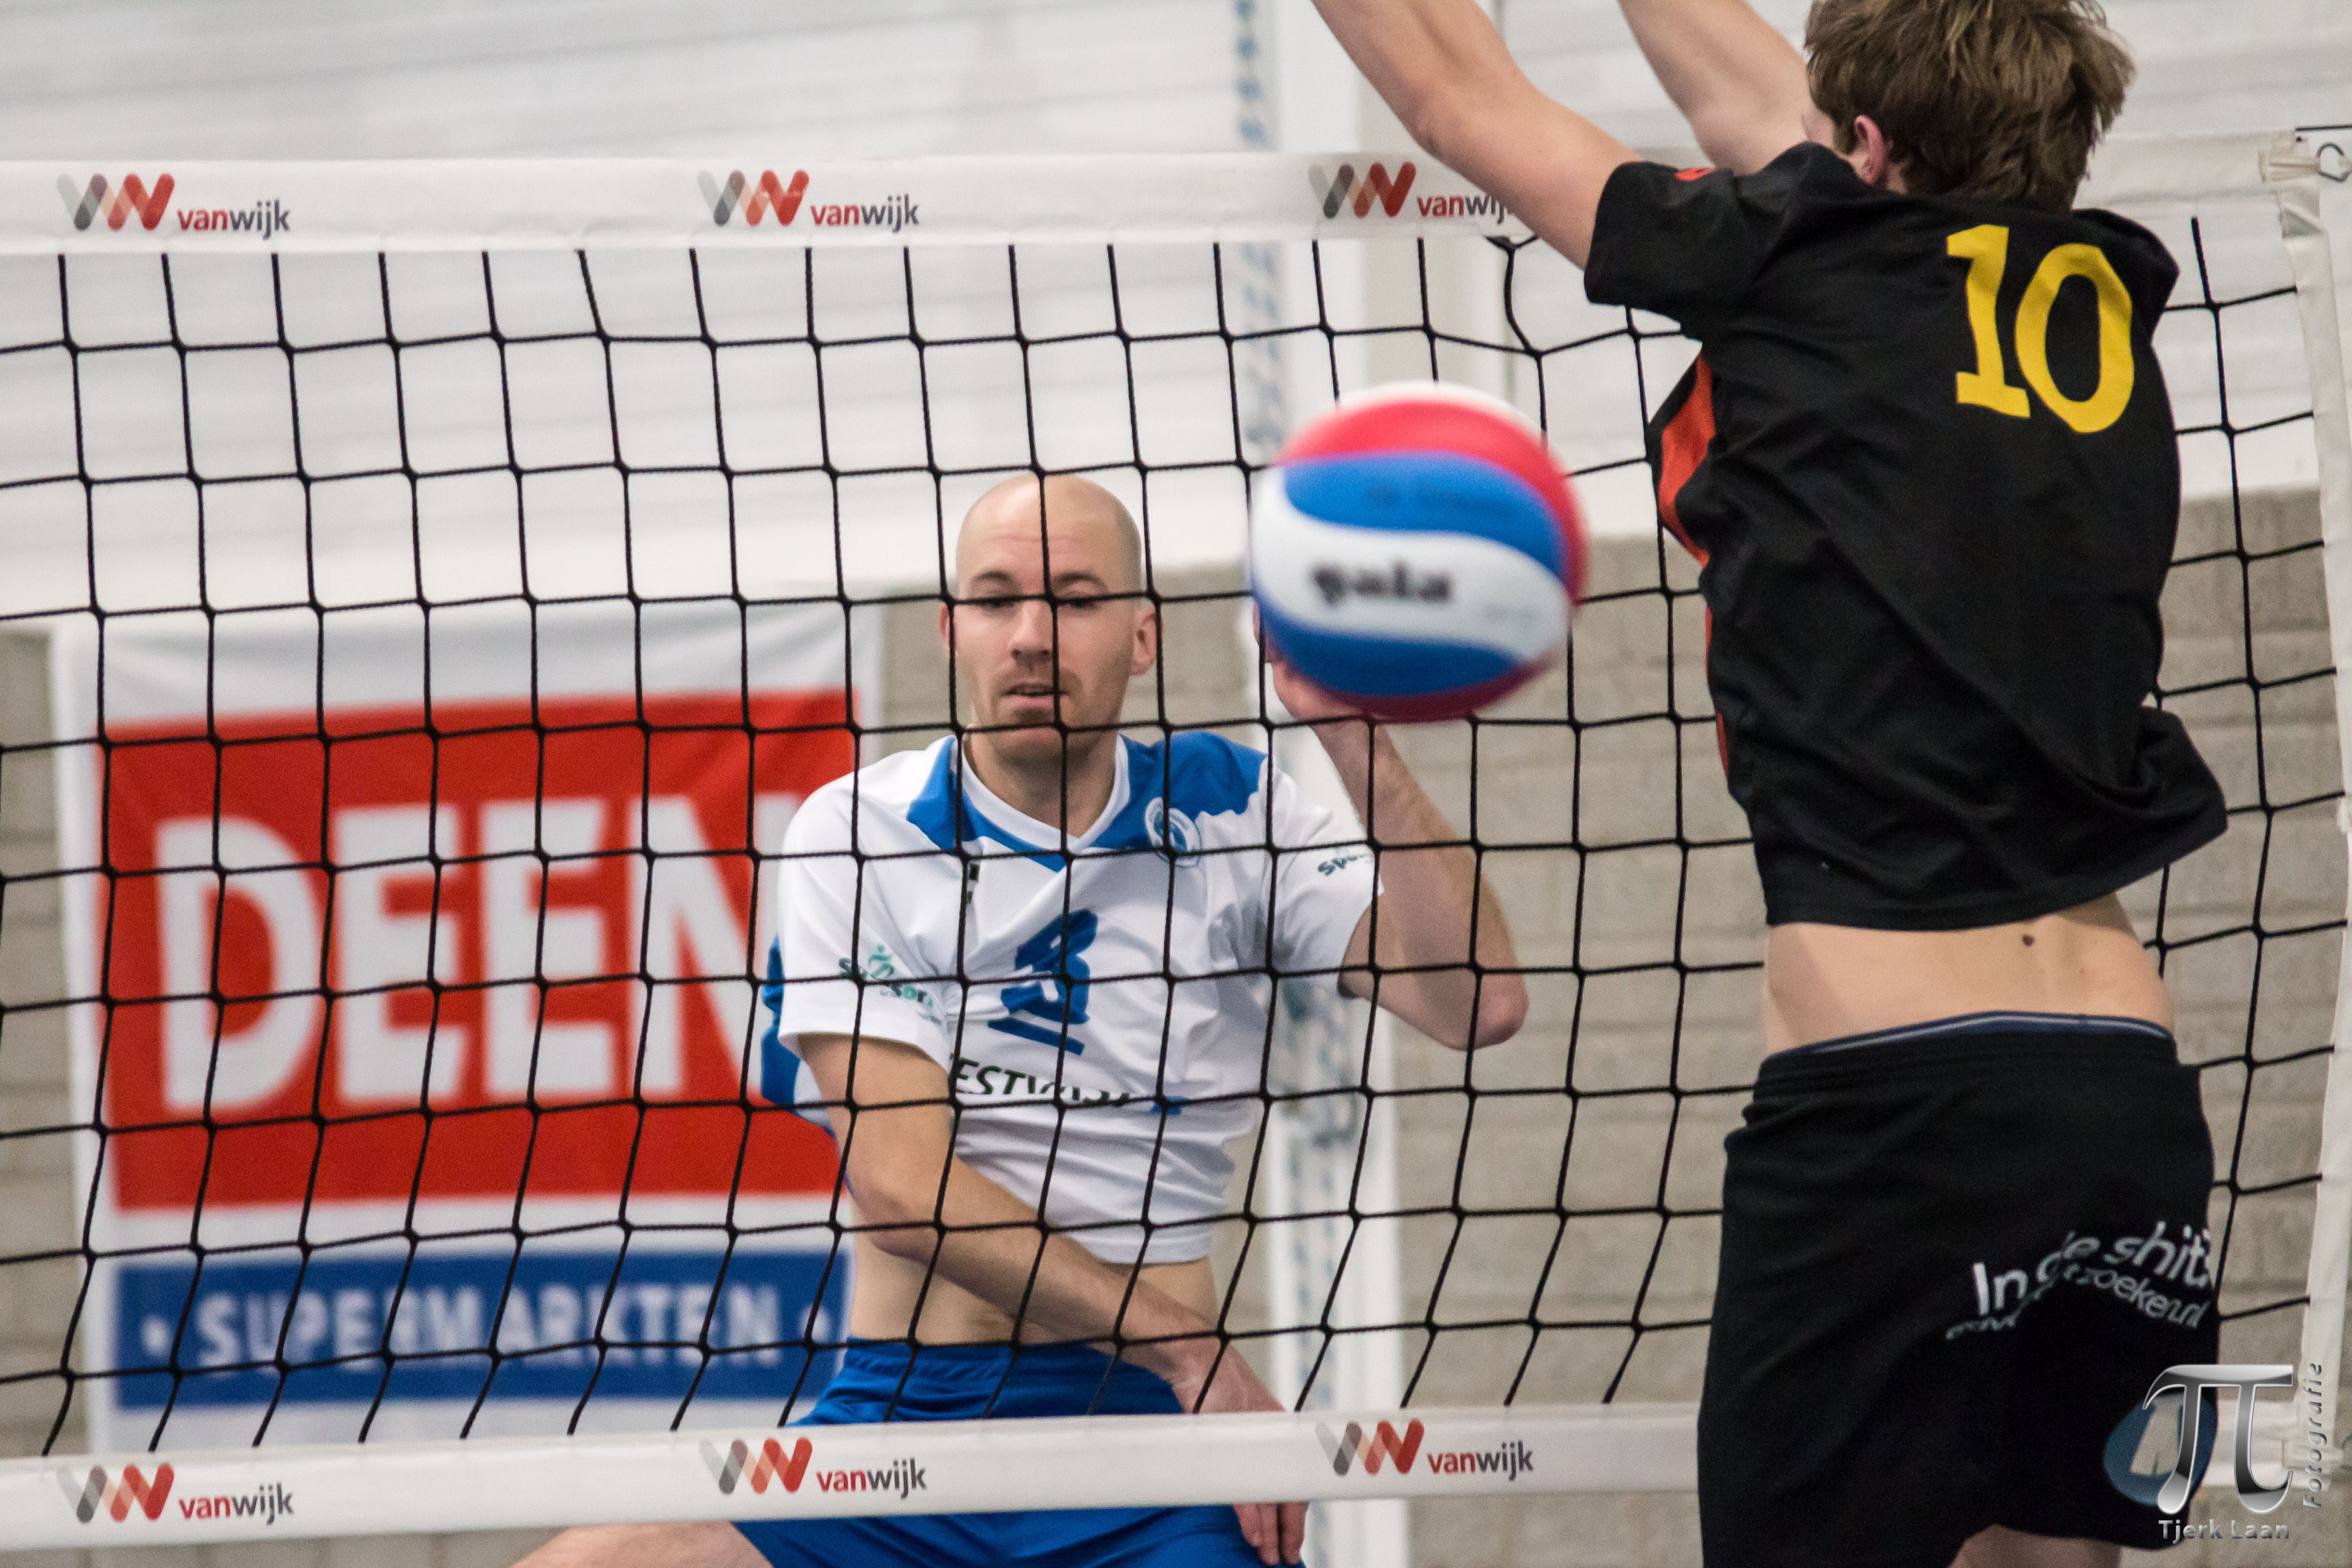 Compaen-vedette Michiel Majoor verschalkt Gert van der Lugt. (Foto: Tjerk Laan Fotografie)